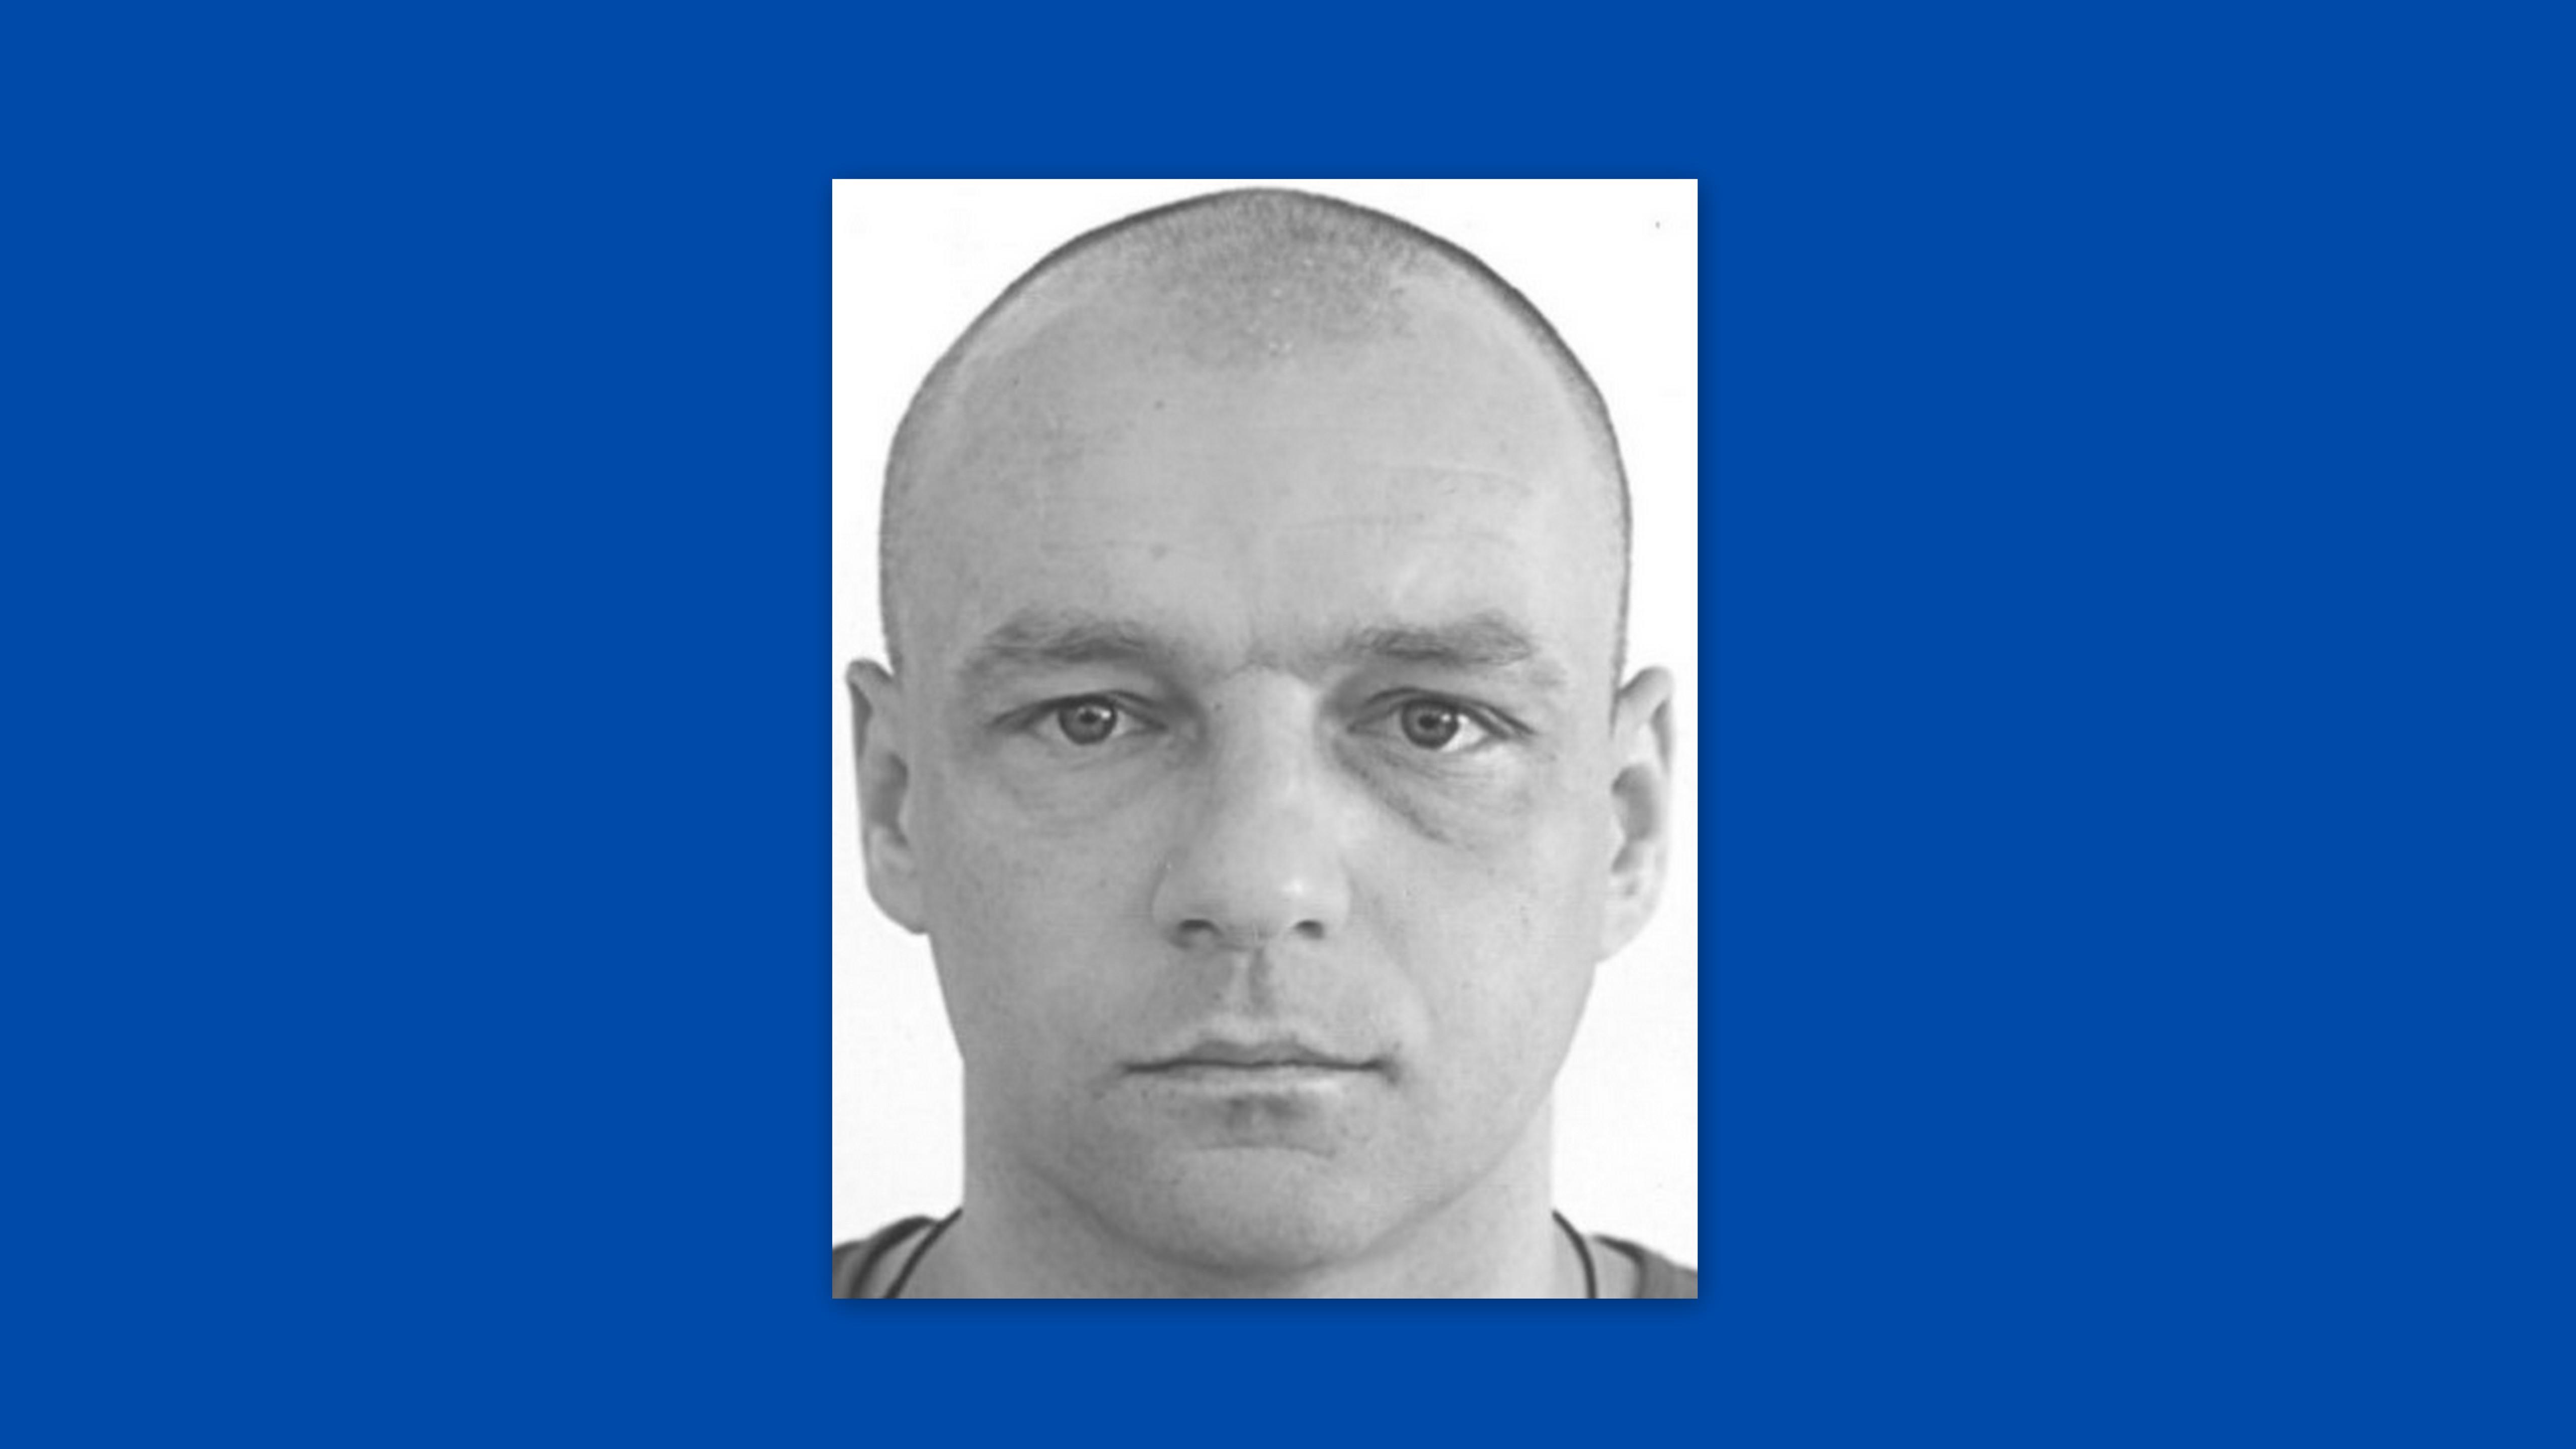 UWAGA! Zaginął Grzegorz Rachwalski. Trwają poszukiwania! - Zdjęcie główne